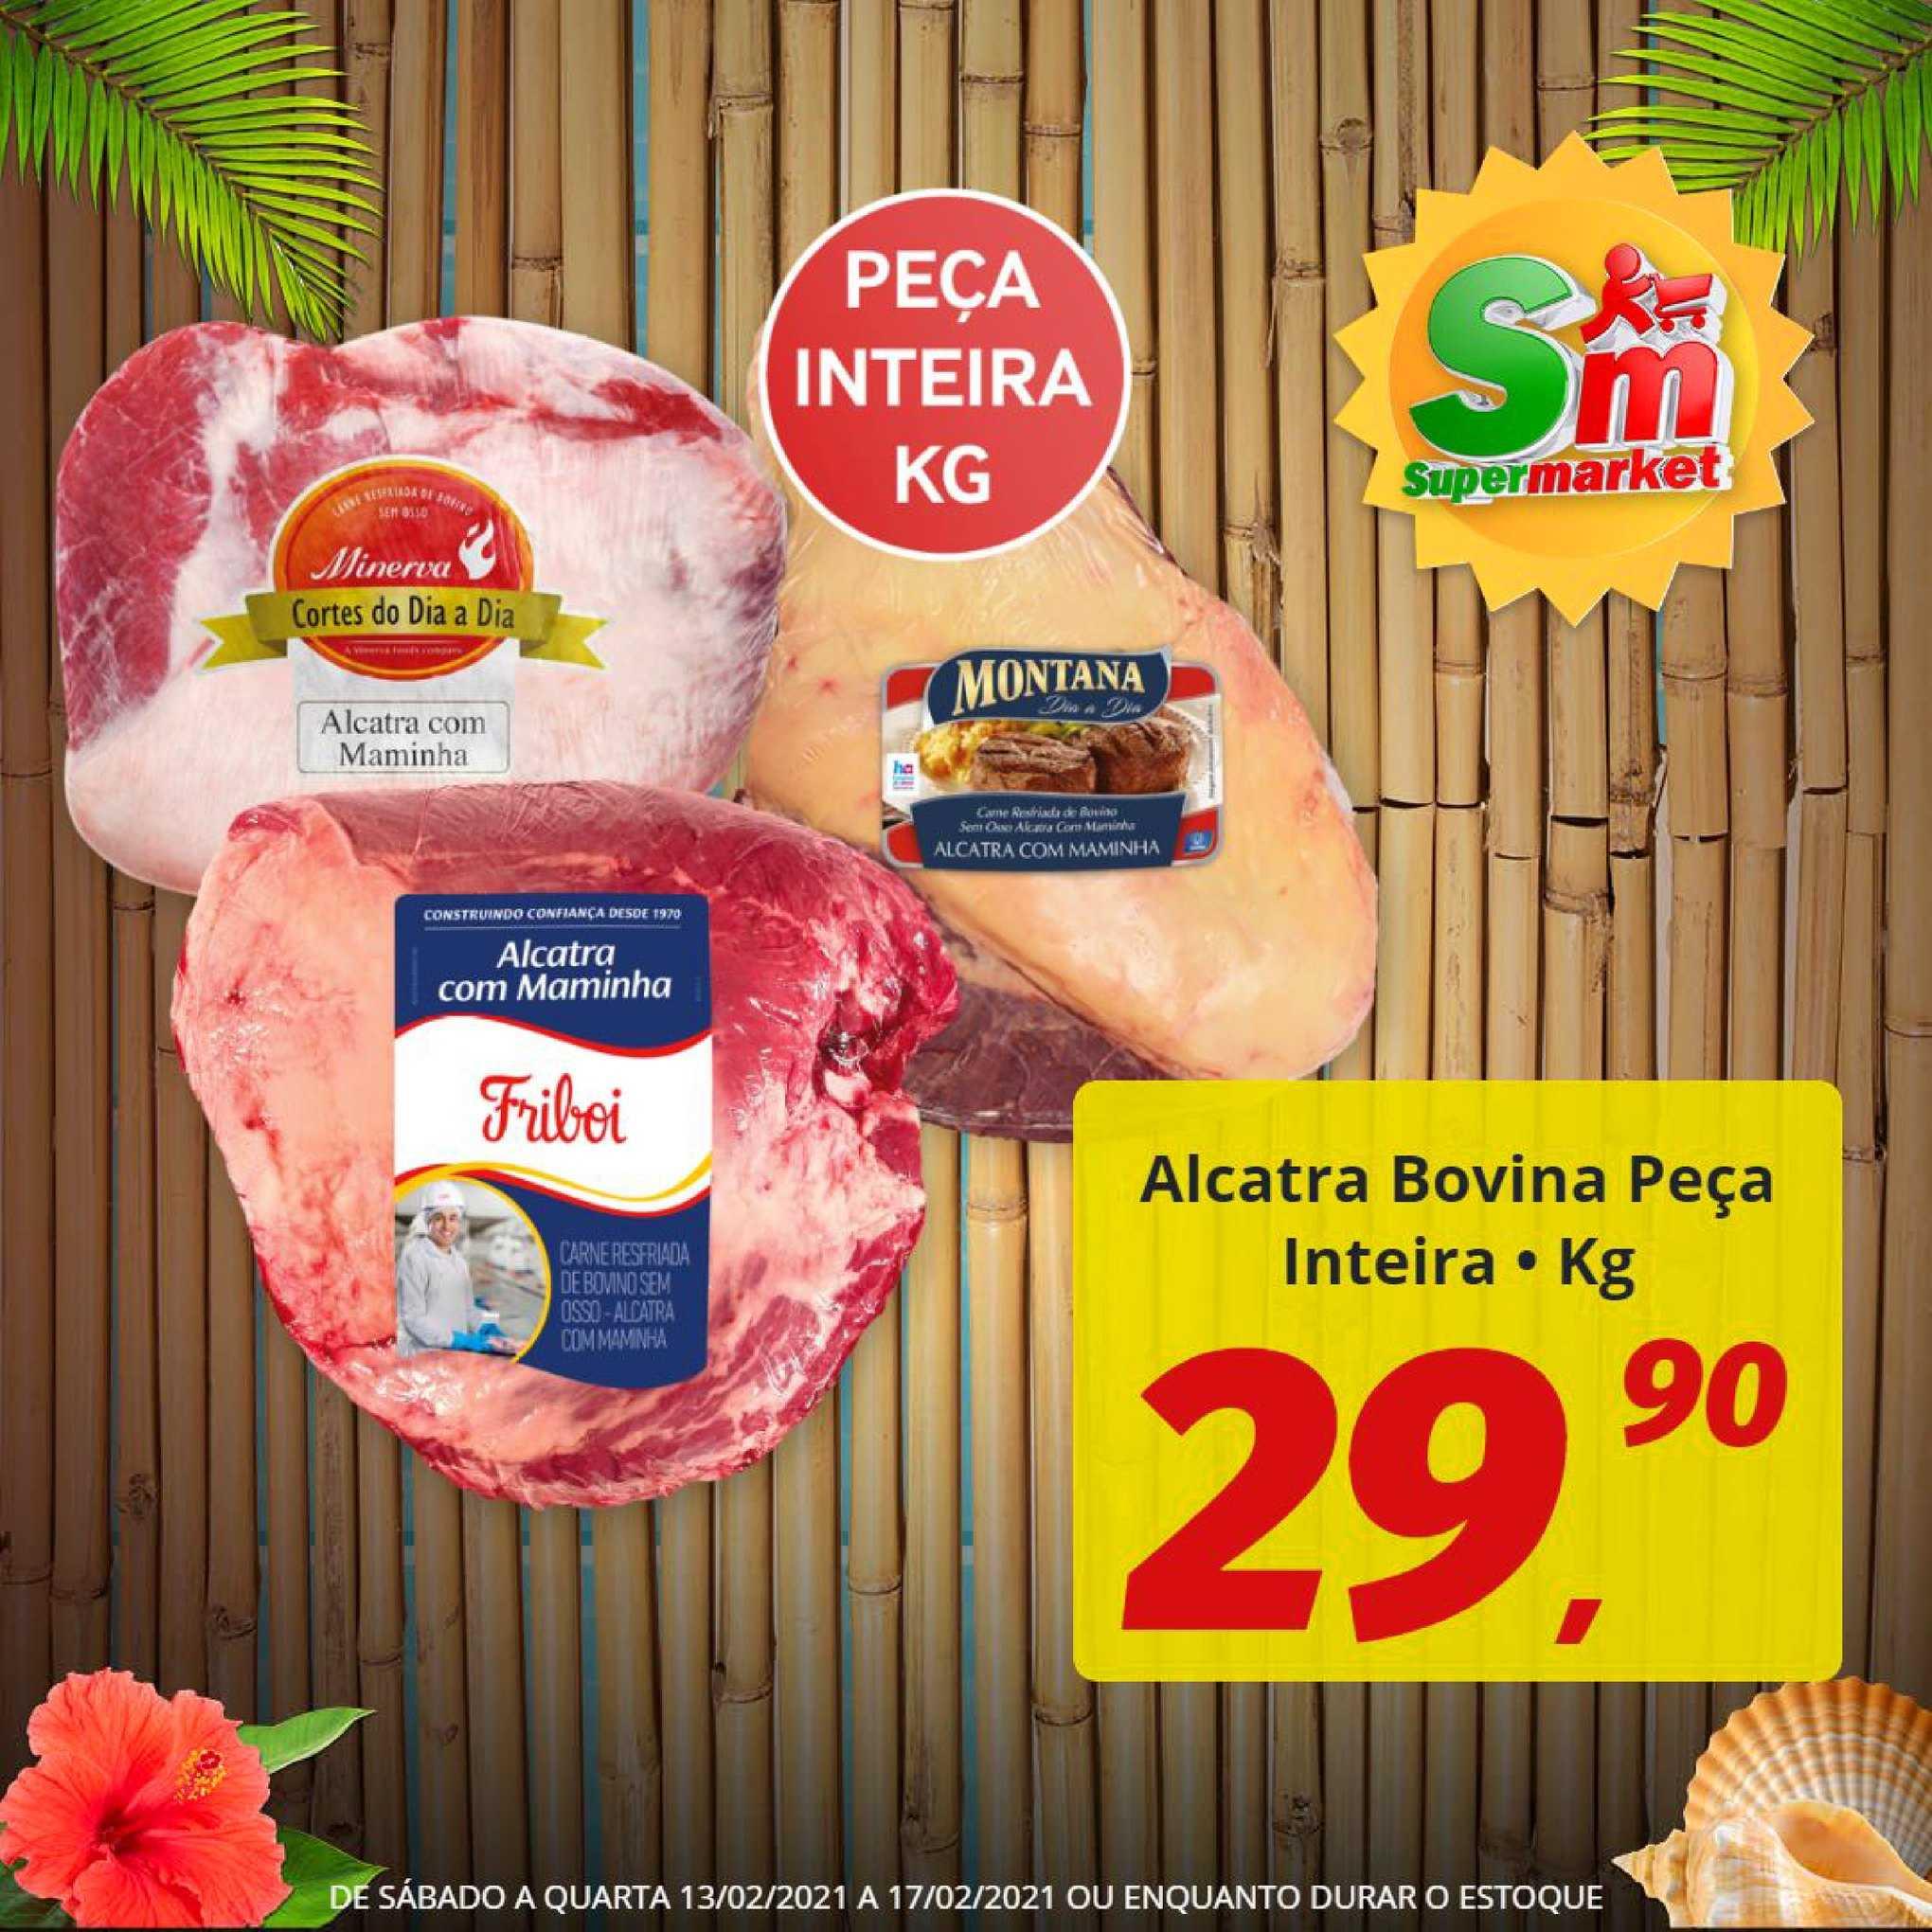 Rede Supermarket Alcatra Bovina Peça Inteira